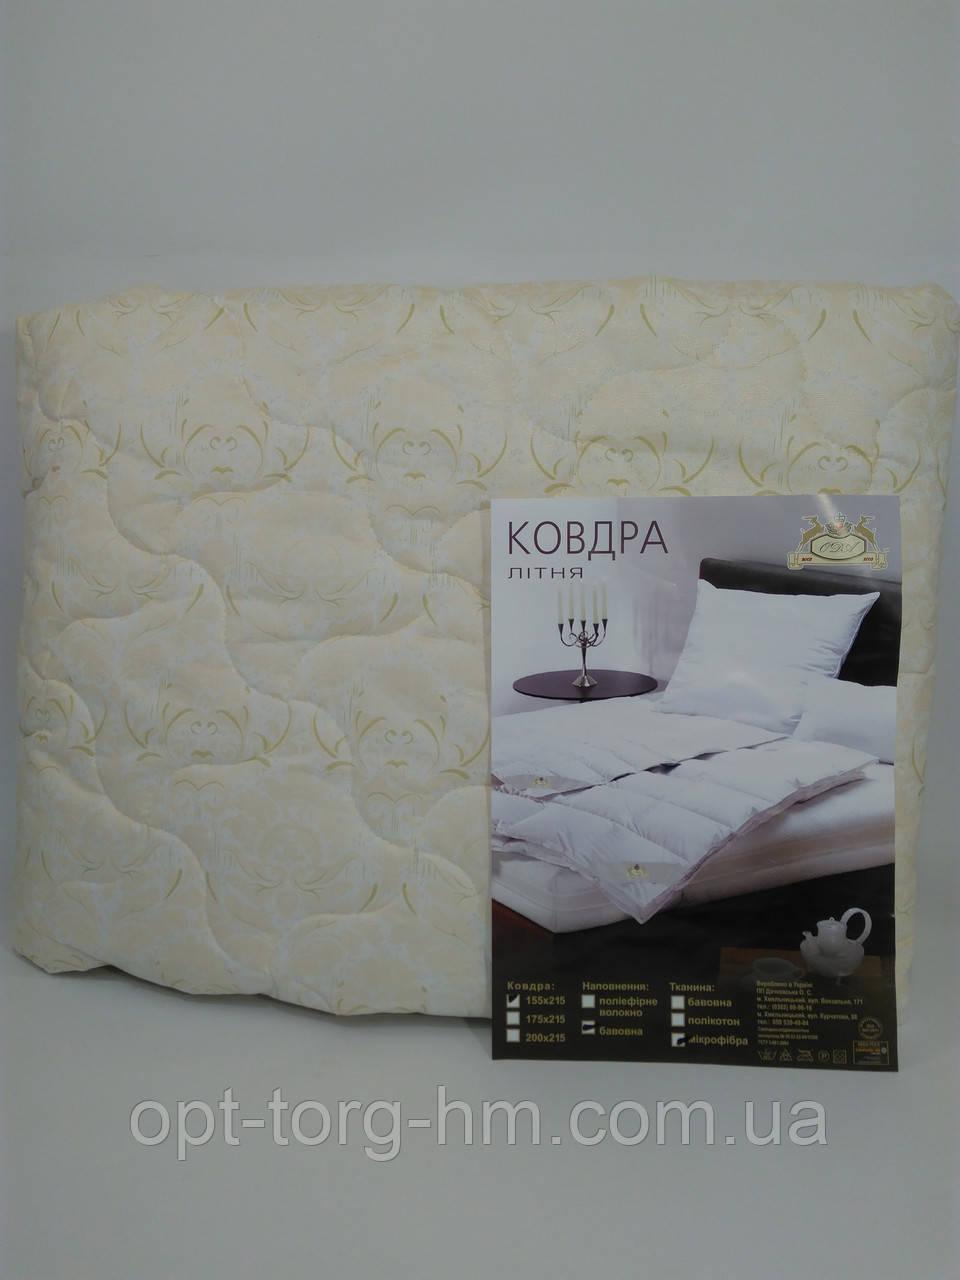 Одеяло Летнее 200*220 ОДА (Хлопковое волокно/микрофибра)